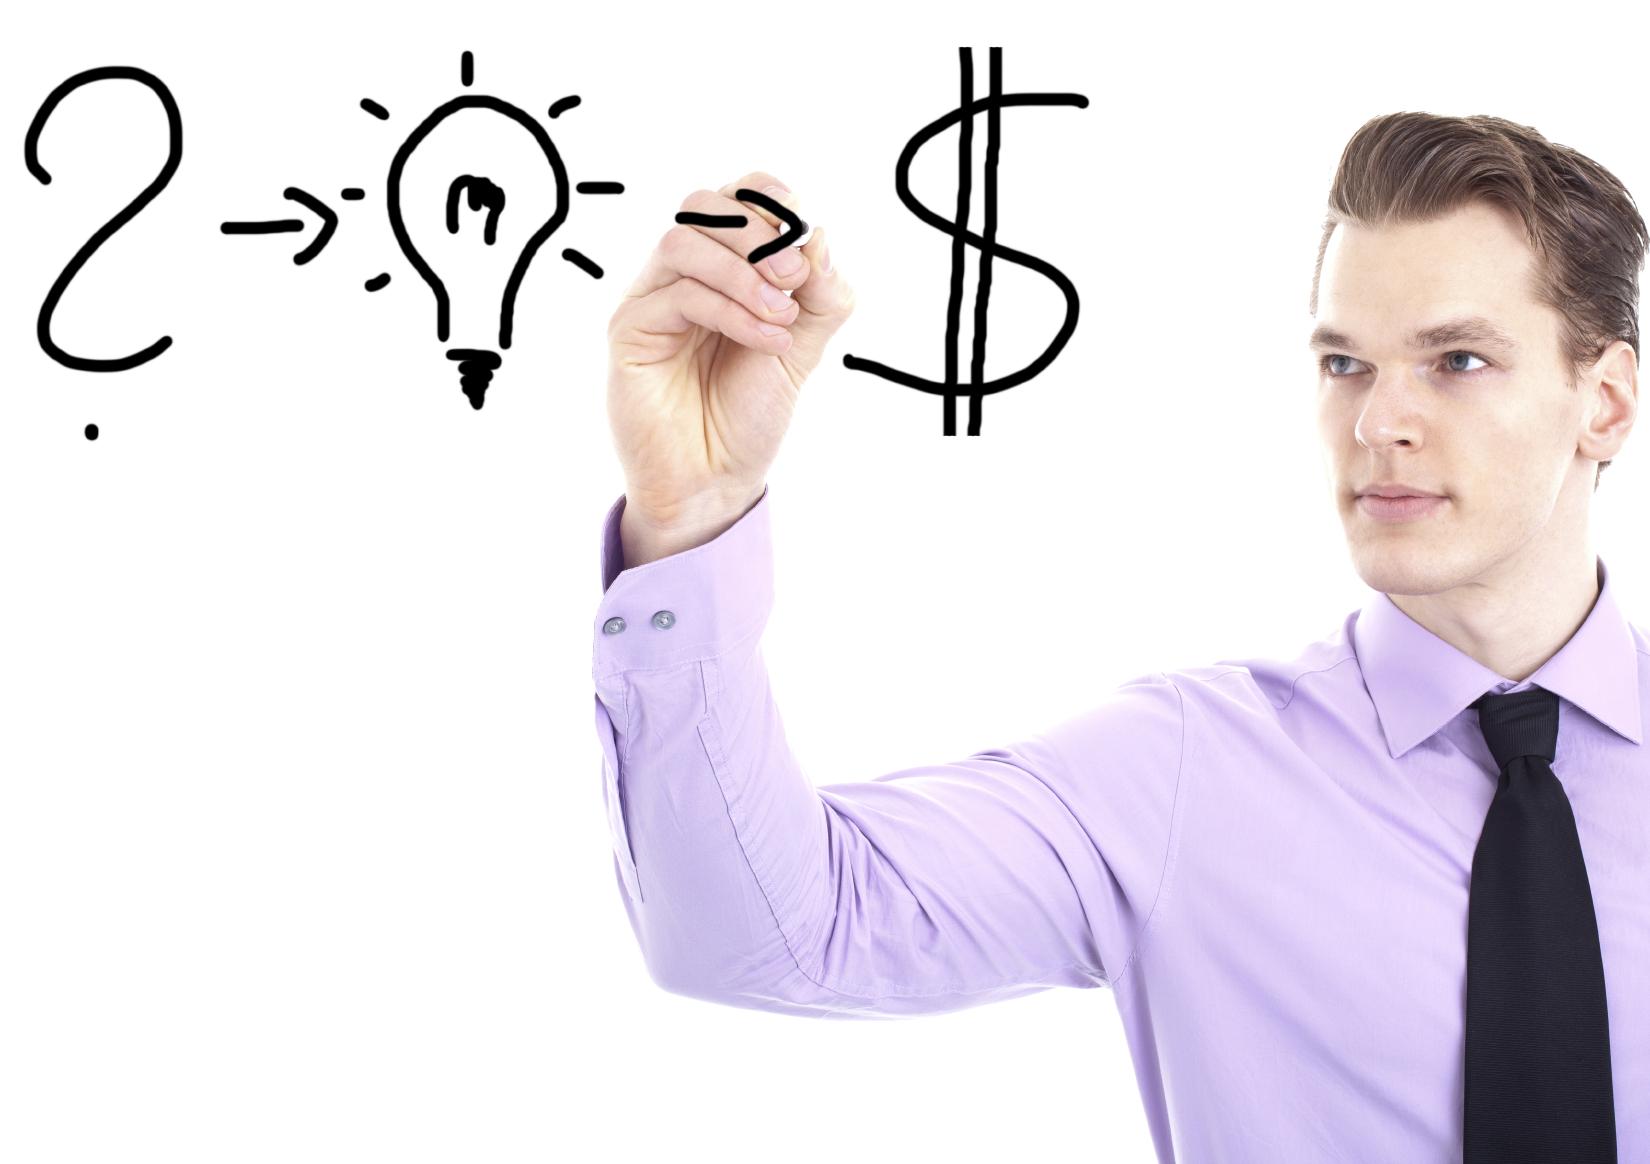 Algunos detalles sobre los Business Models basados en Creative Commons